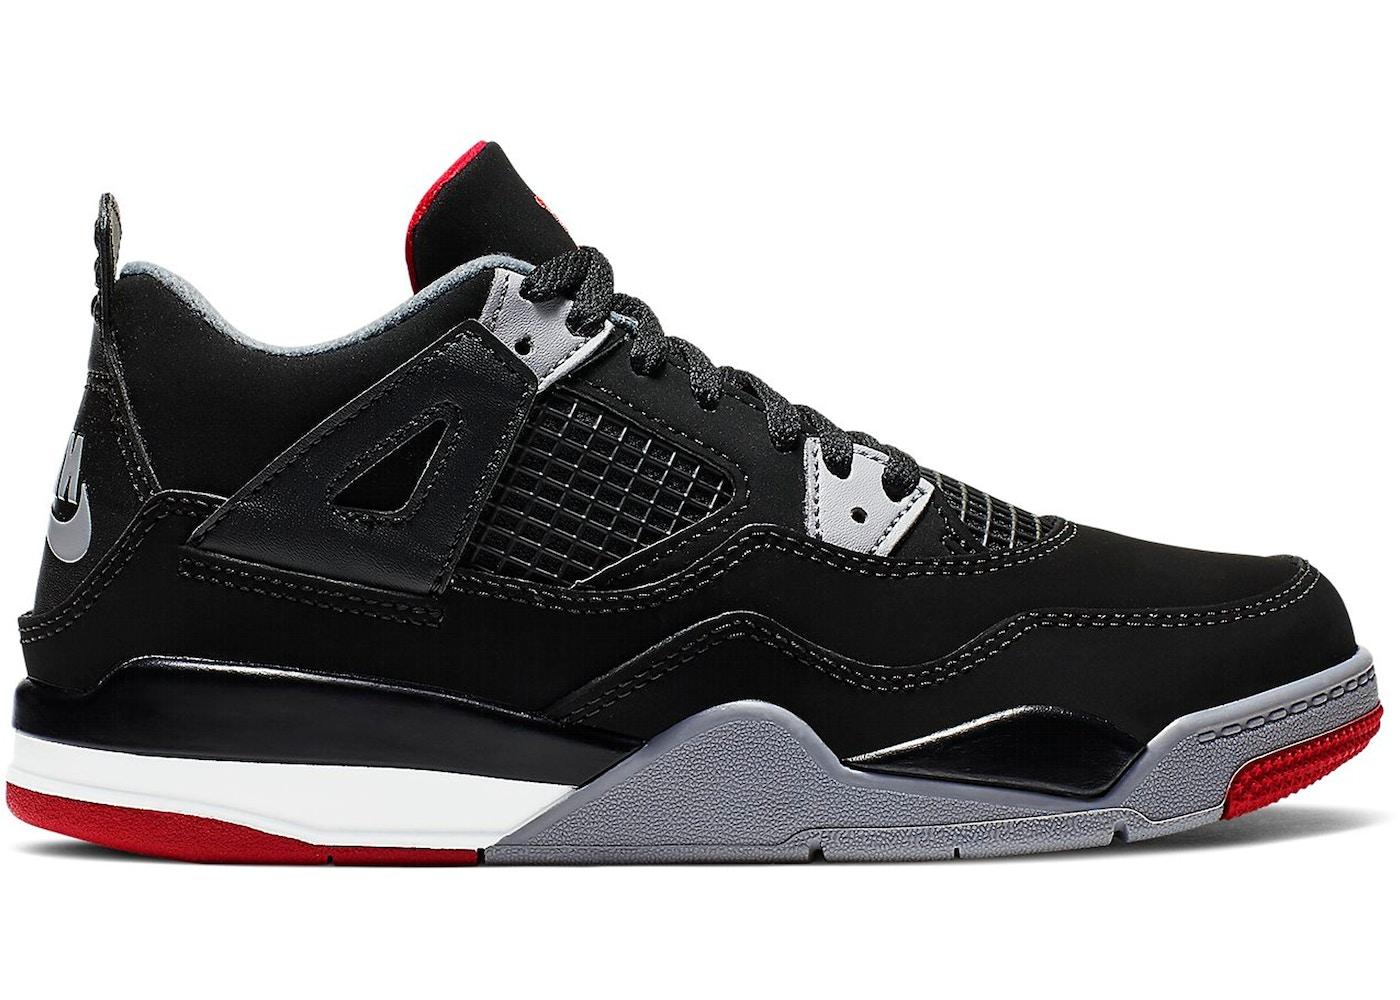 e1653c75ae9f3b Buy Air Jordan 4 Shoes   Deadstock Sneakers